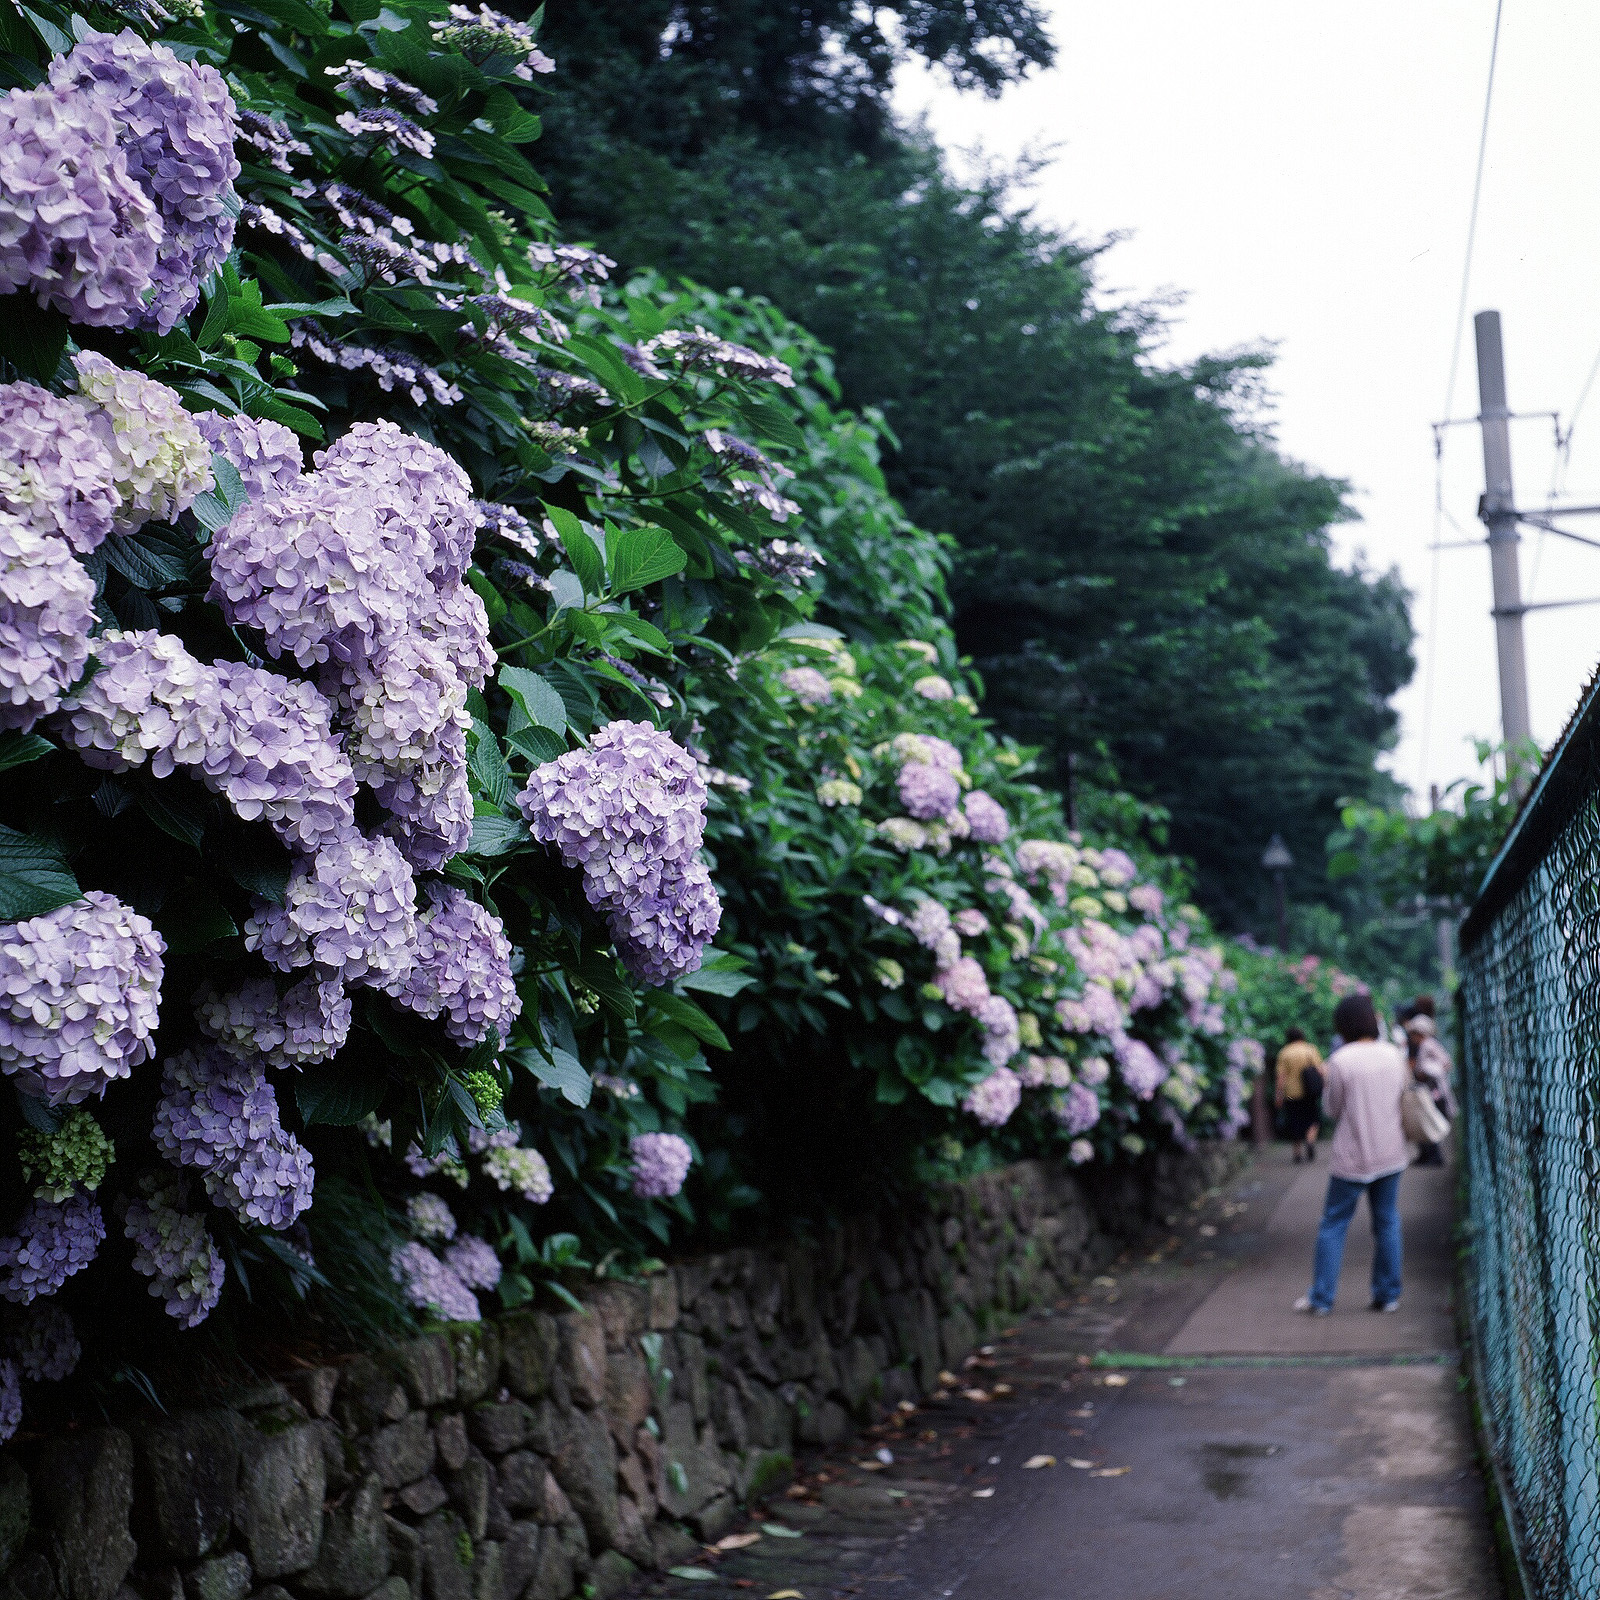 023_5 飛鳥山公園下、線路際の紫陽花(03.30.09)